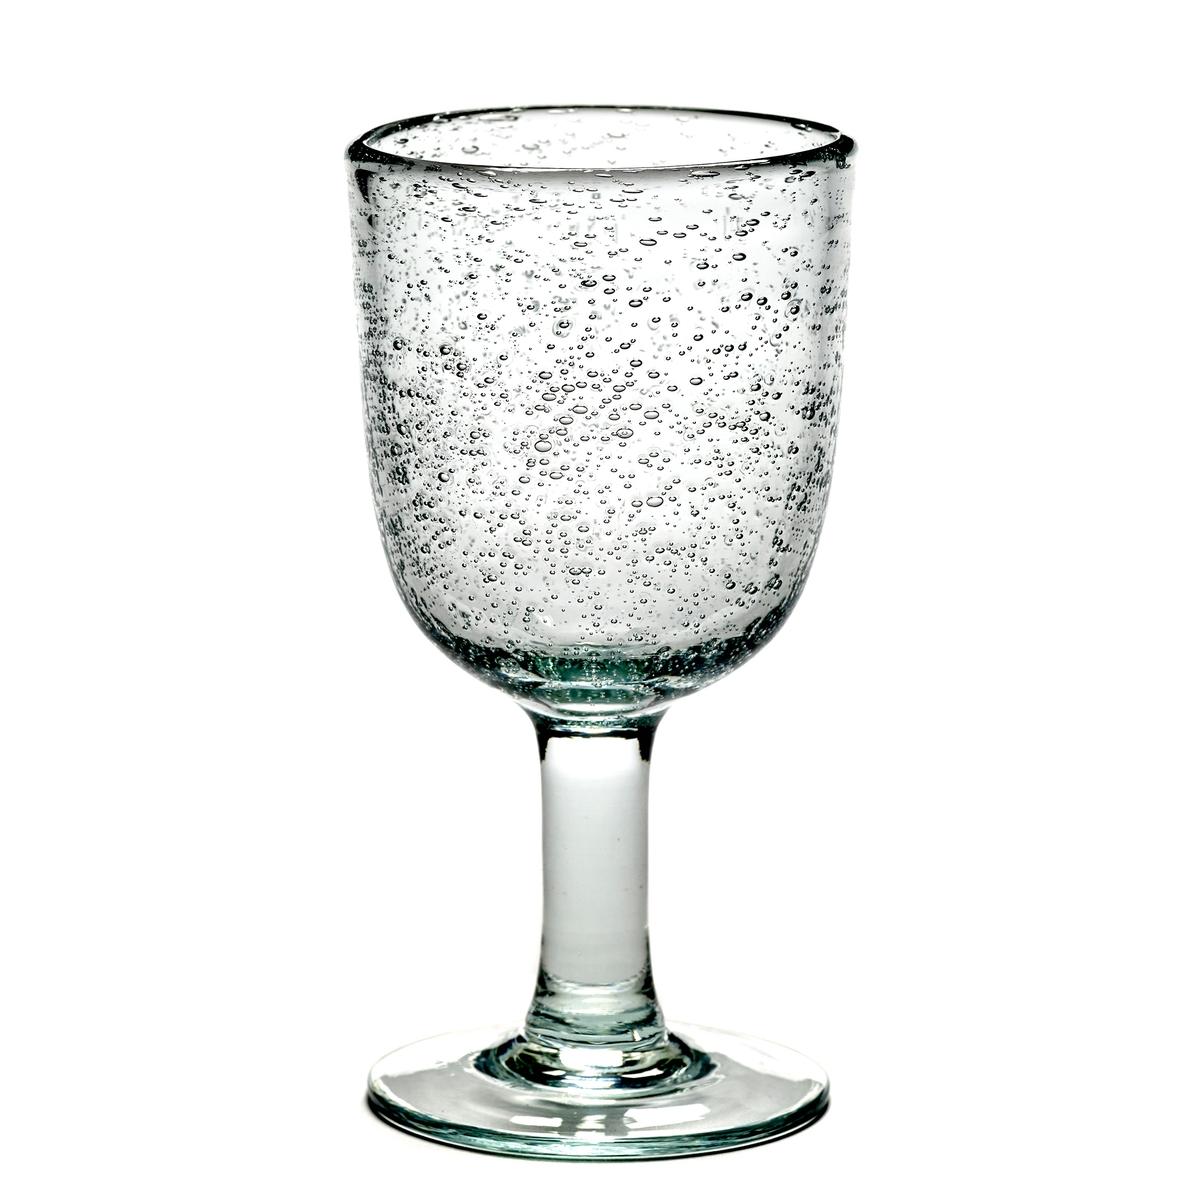 Бокала La Redoute Для белого вина Pure дизайн П Нессенса Serax единый размер другие бокала la redoute для шампанского lurik единый размер другие